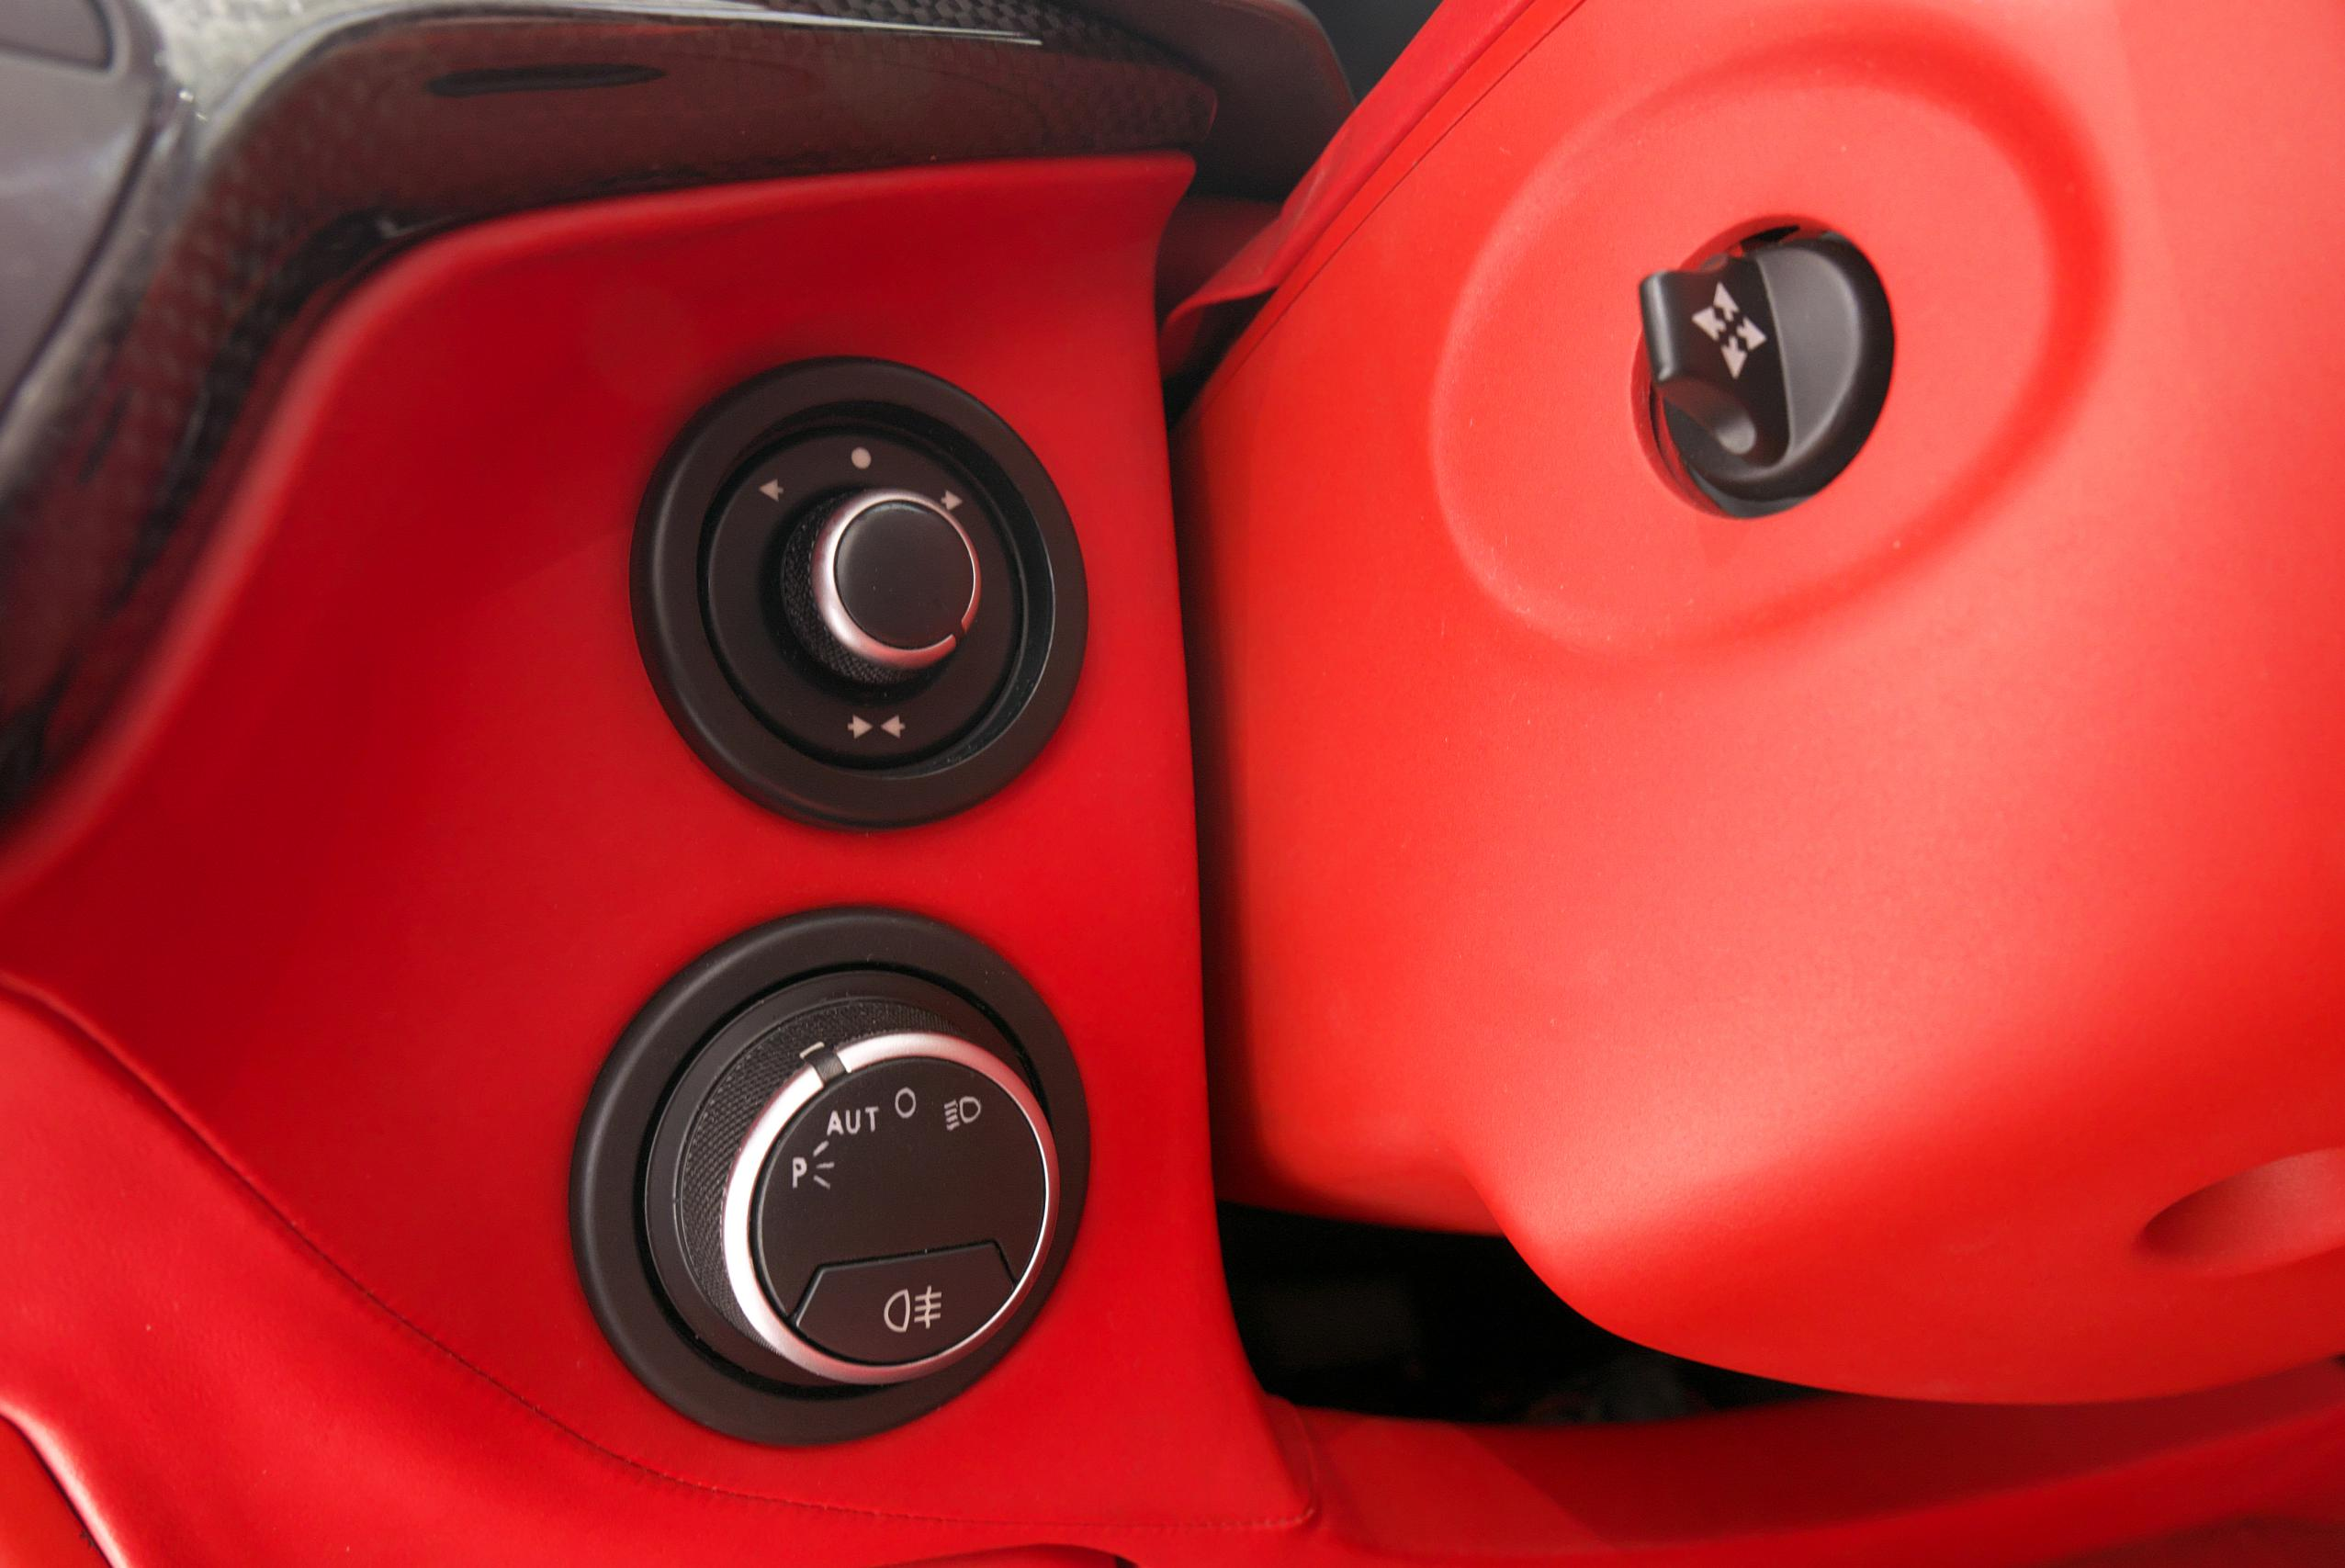 フェラーリ F12 ベルリネッタ 電動チルト&テレスコピックステアリングスイッチ